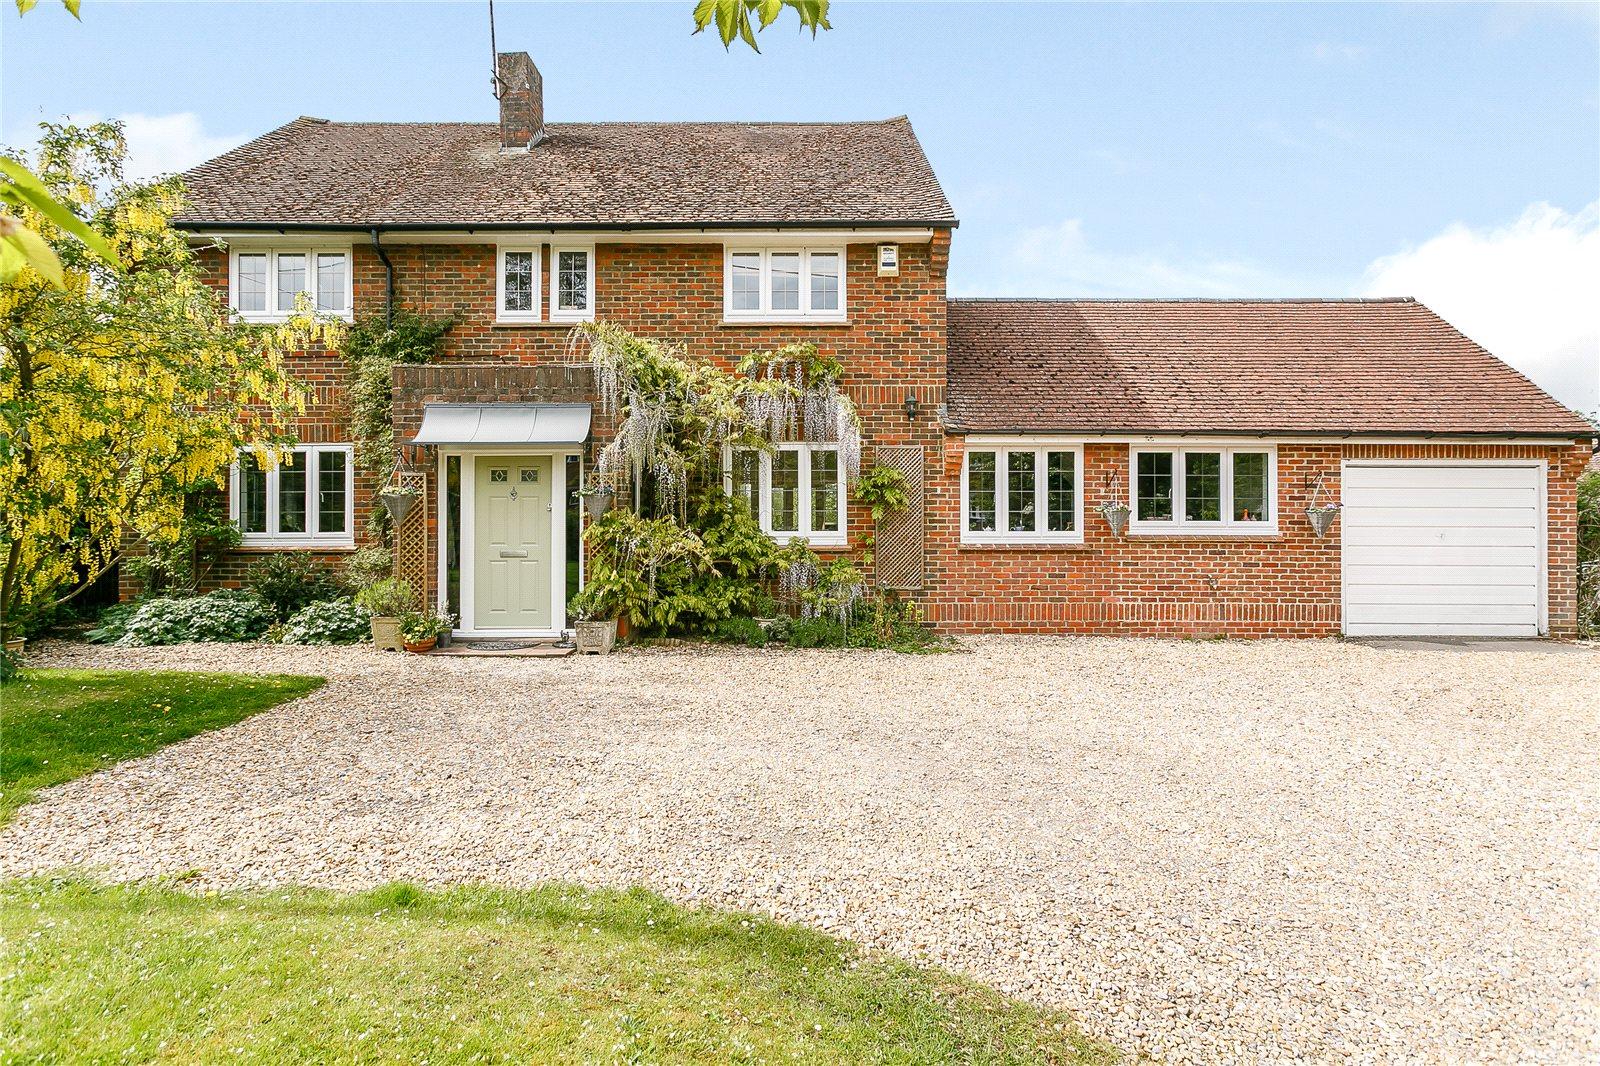 独户住宅 为 销售 在 Station Road, Bentley, Farnham, Surrey, GU10 Farnham, 英格兰